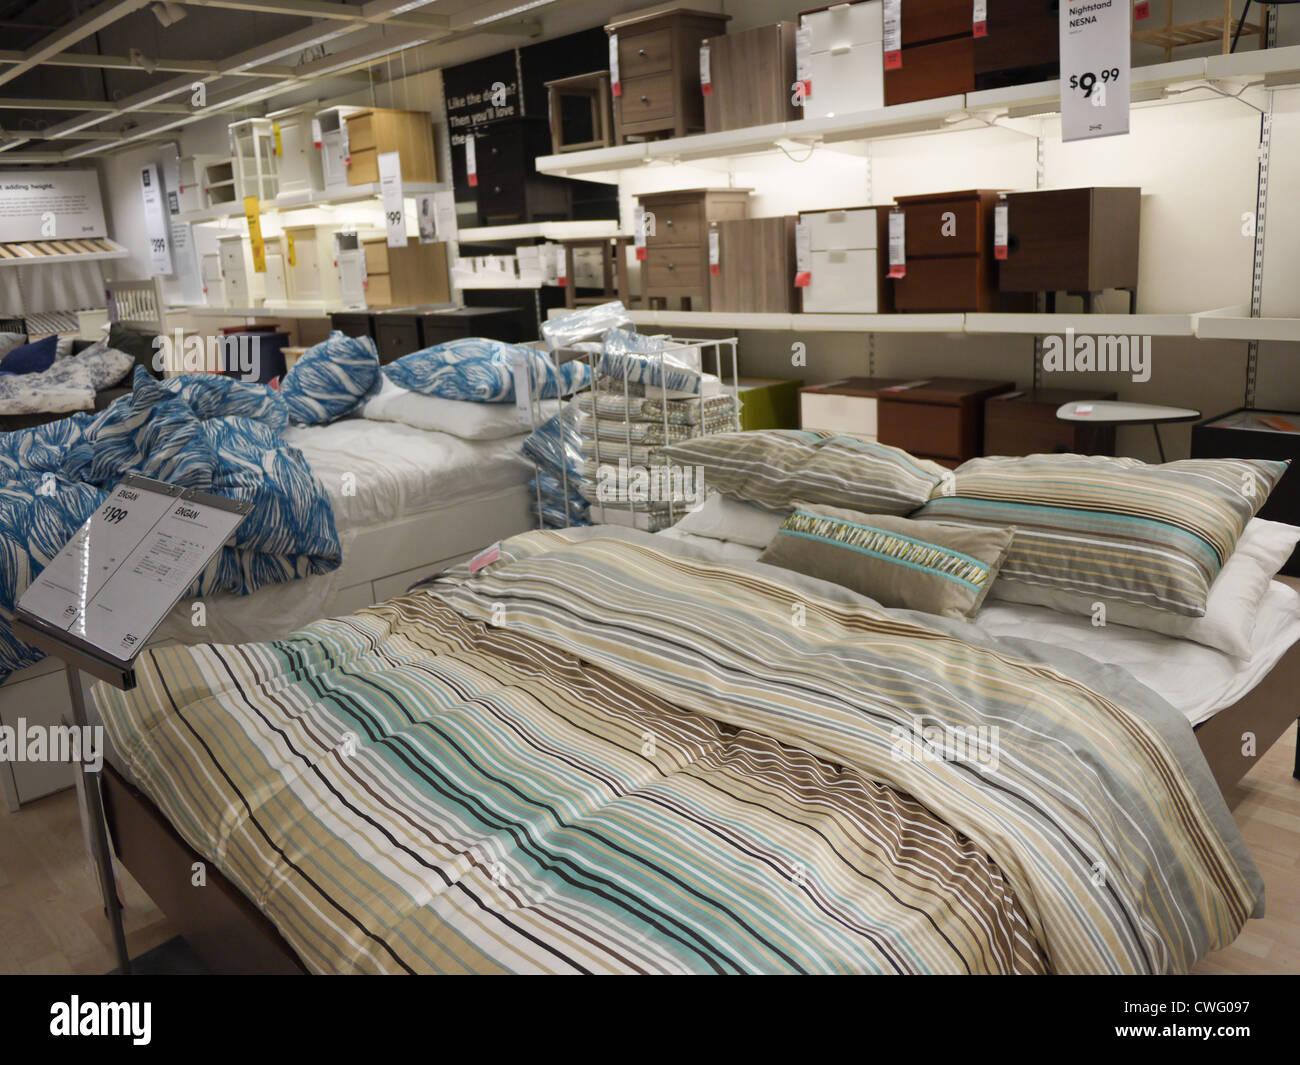 Dormitorio Mueble cama mesa lateral tienda IKEA dentro Foto & Imagen ...